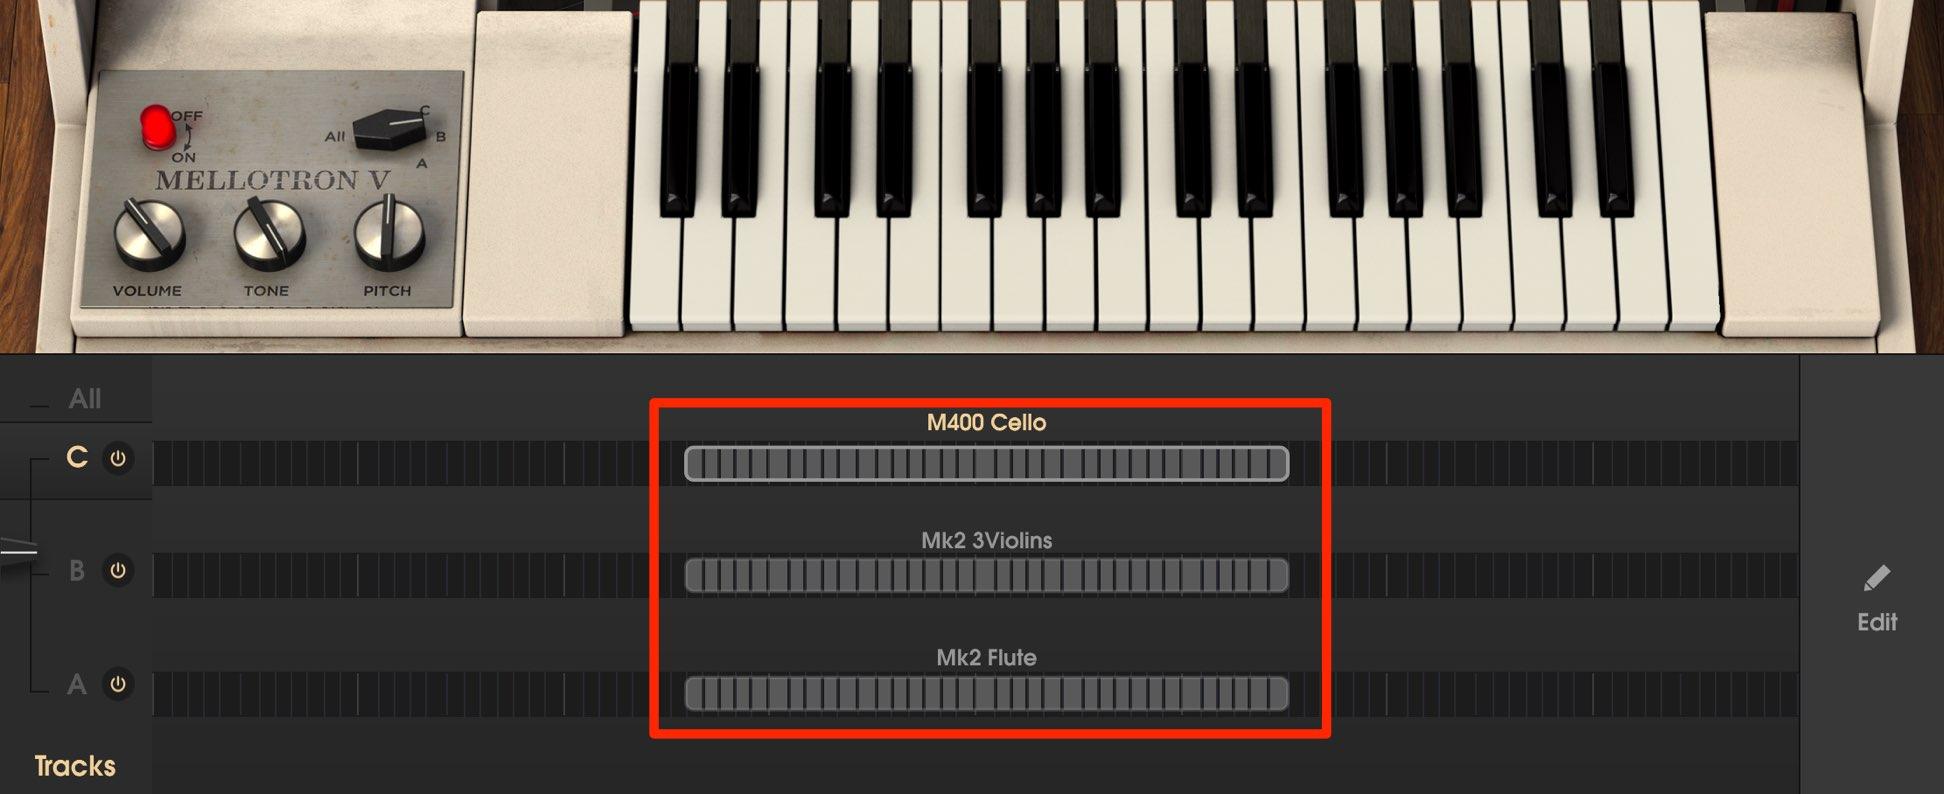 Sound Mellotron V